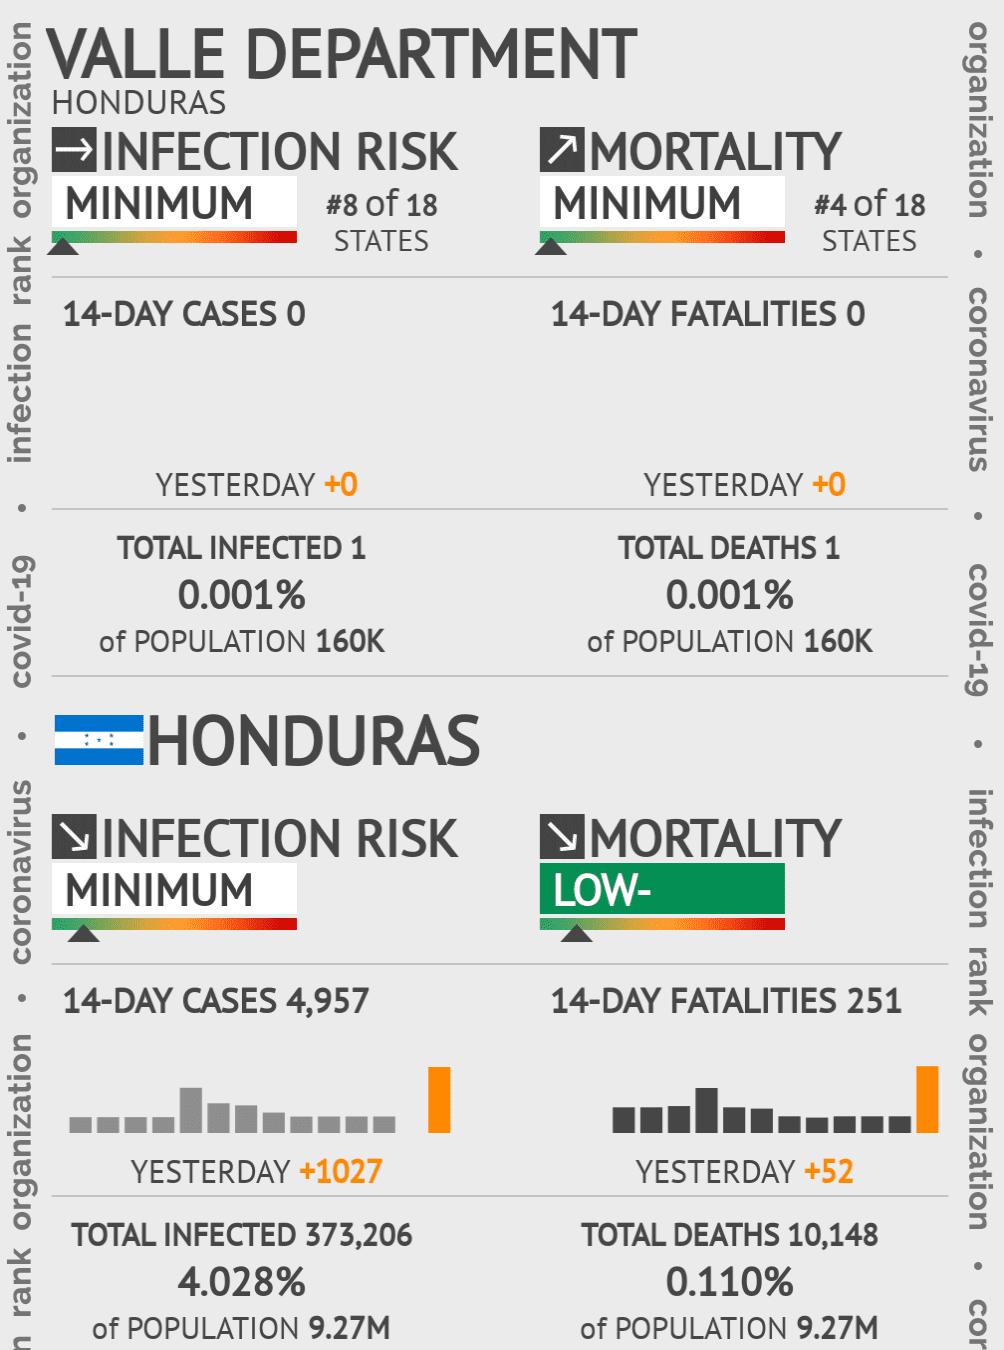 Valle Coronavirus Covid-19 Risk of Infection on December 02, 2020